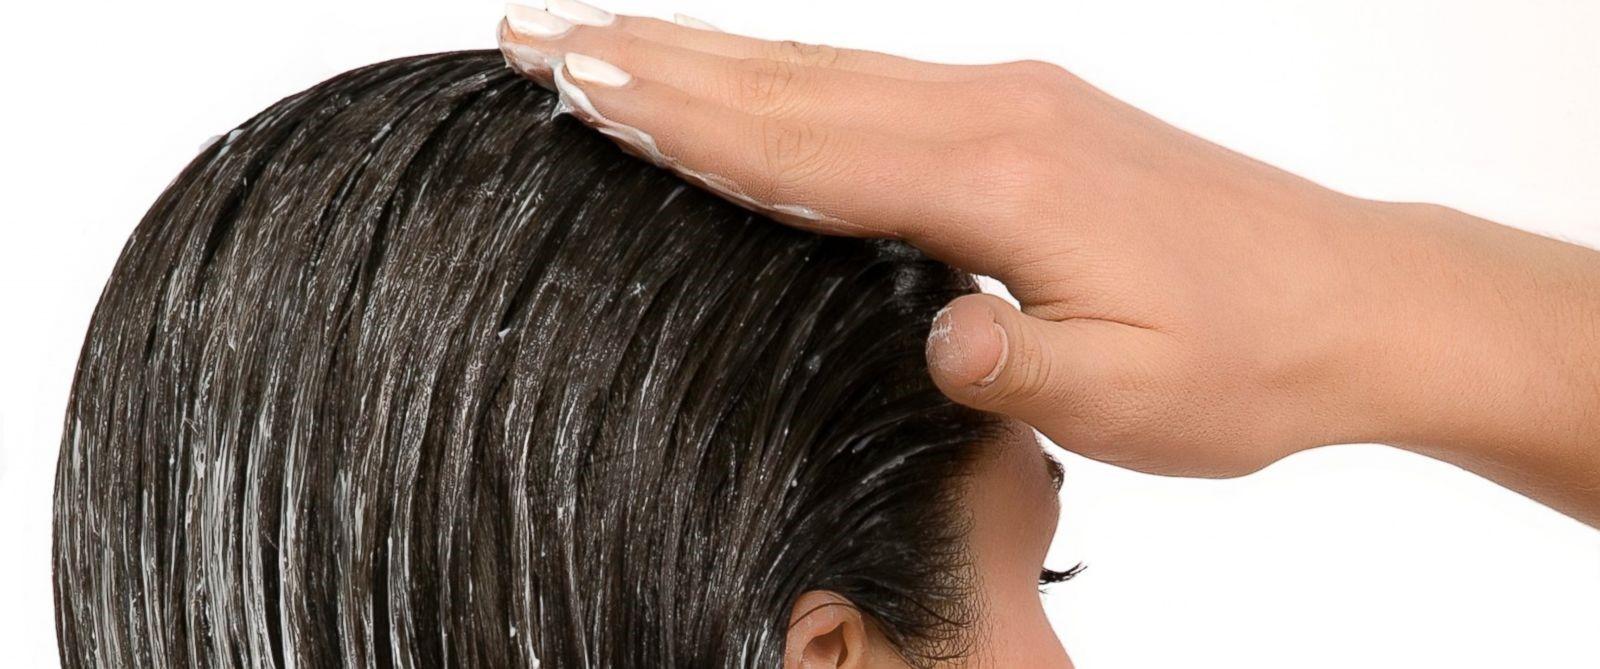 Волосы на силиконовой основе для лысины